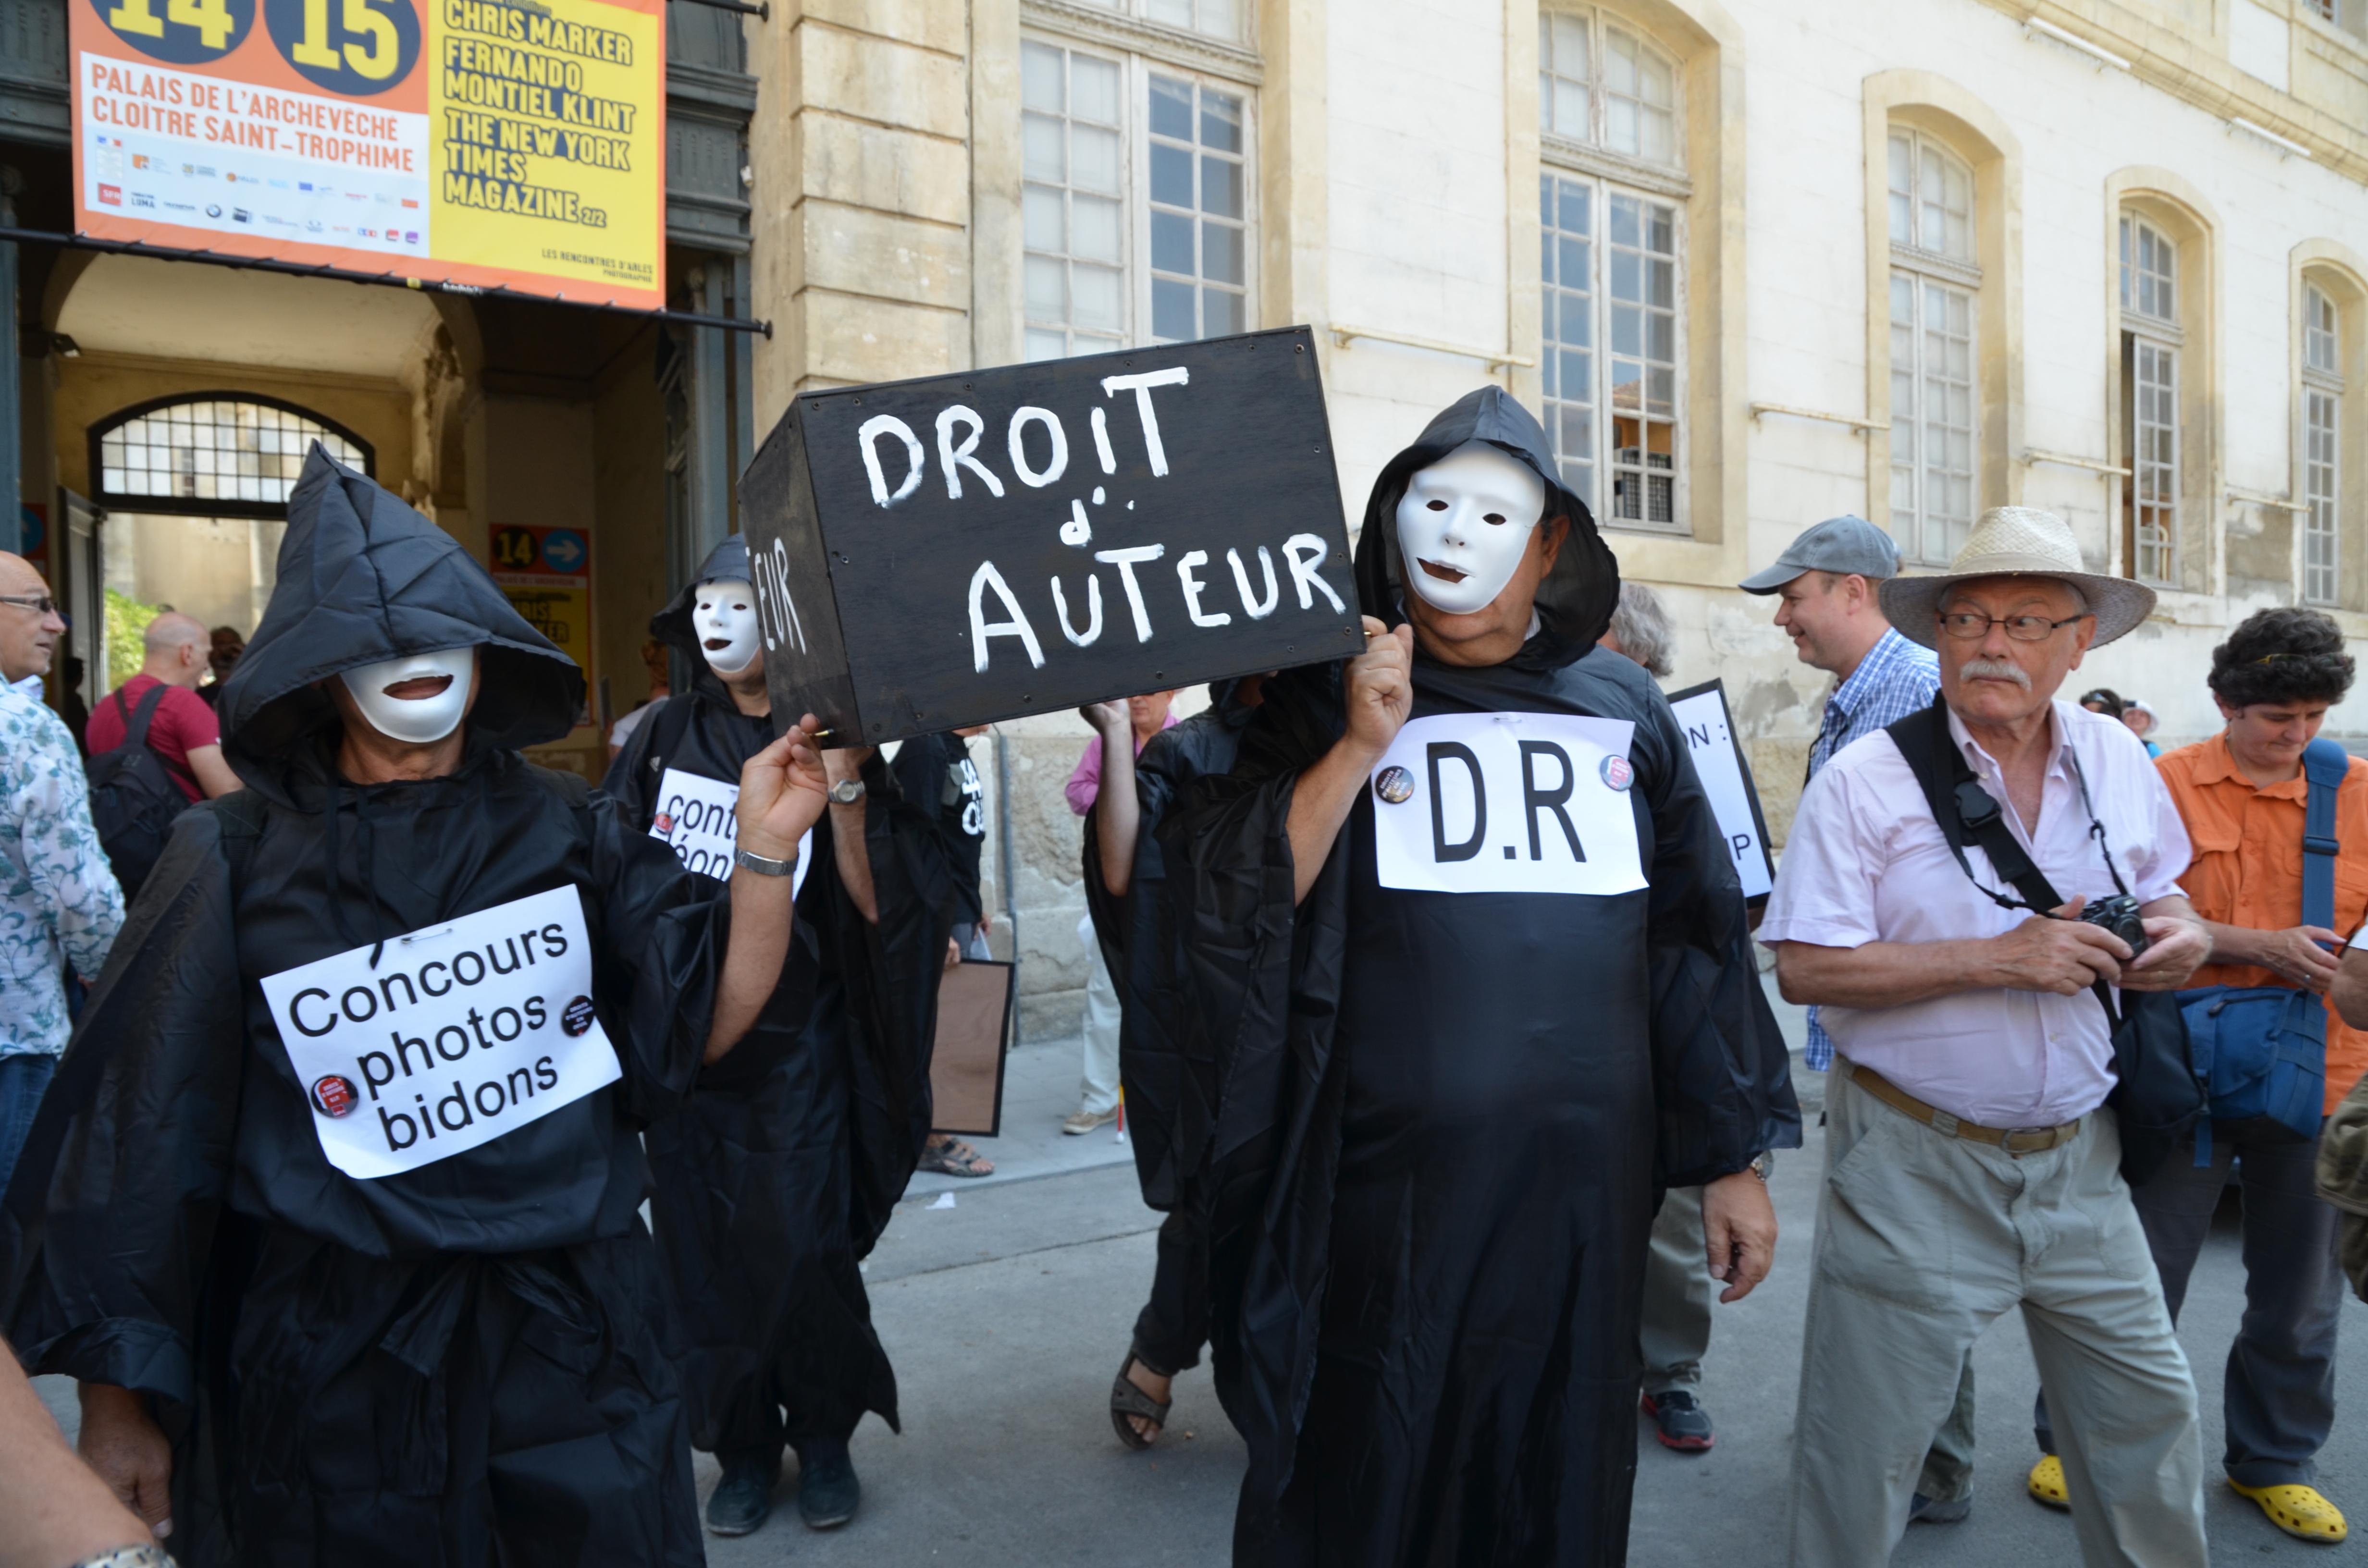 Manifestation aux Rencontre d'Arles (c) Geneviève Delalot